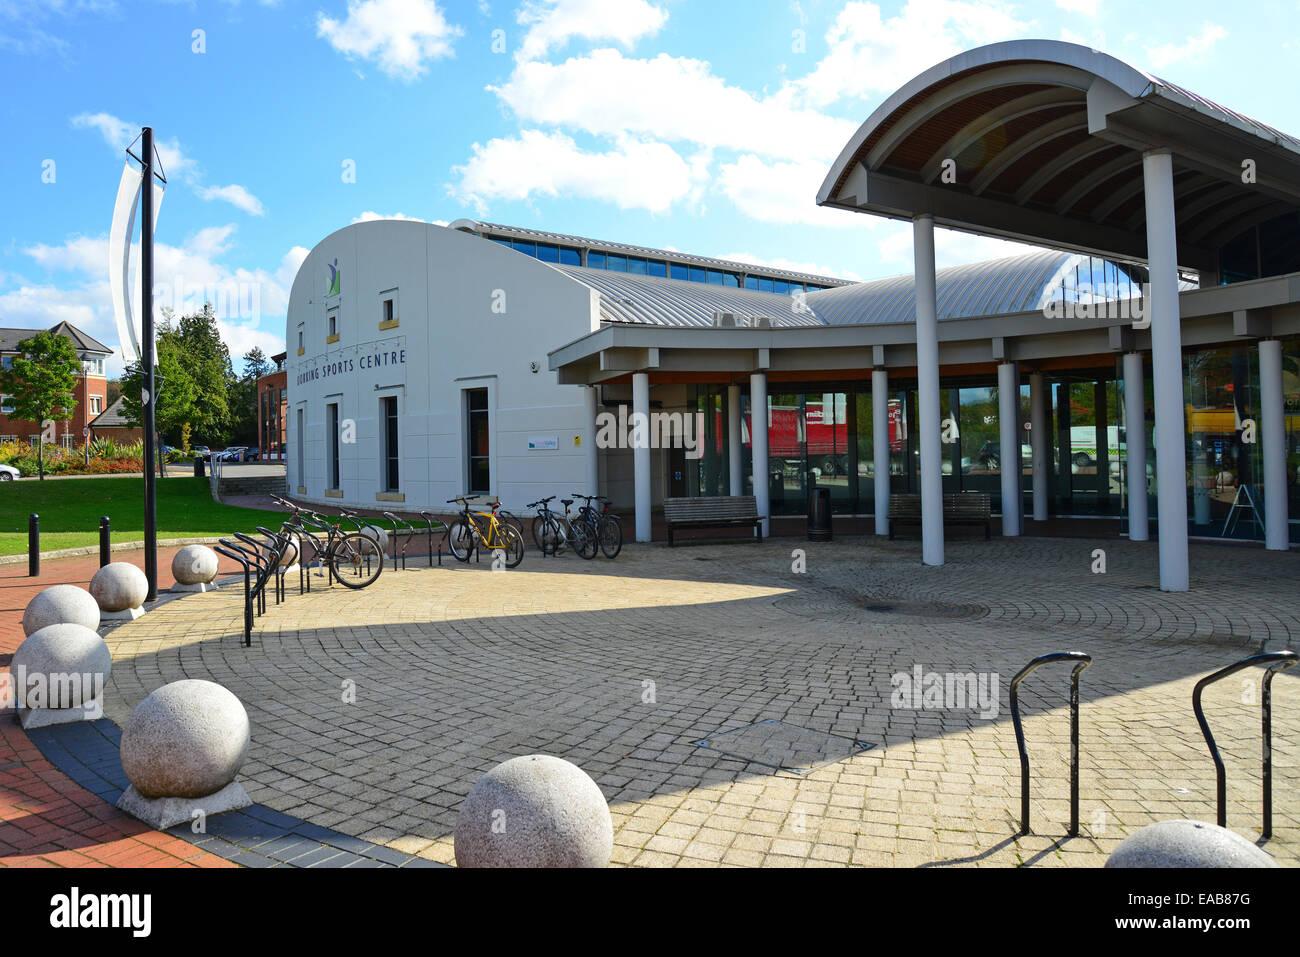 Entrada al centro deportivo de Dorking, High Street, Dorking, Surrey, Inglaterra, Reino Unido Imagen De Stock